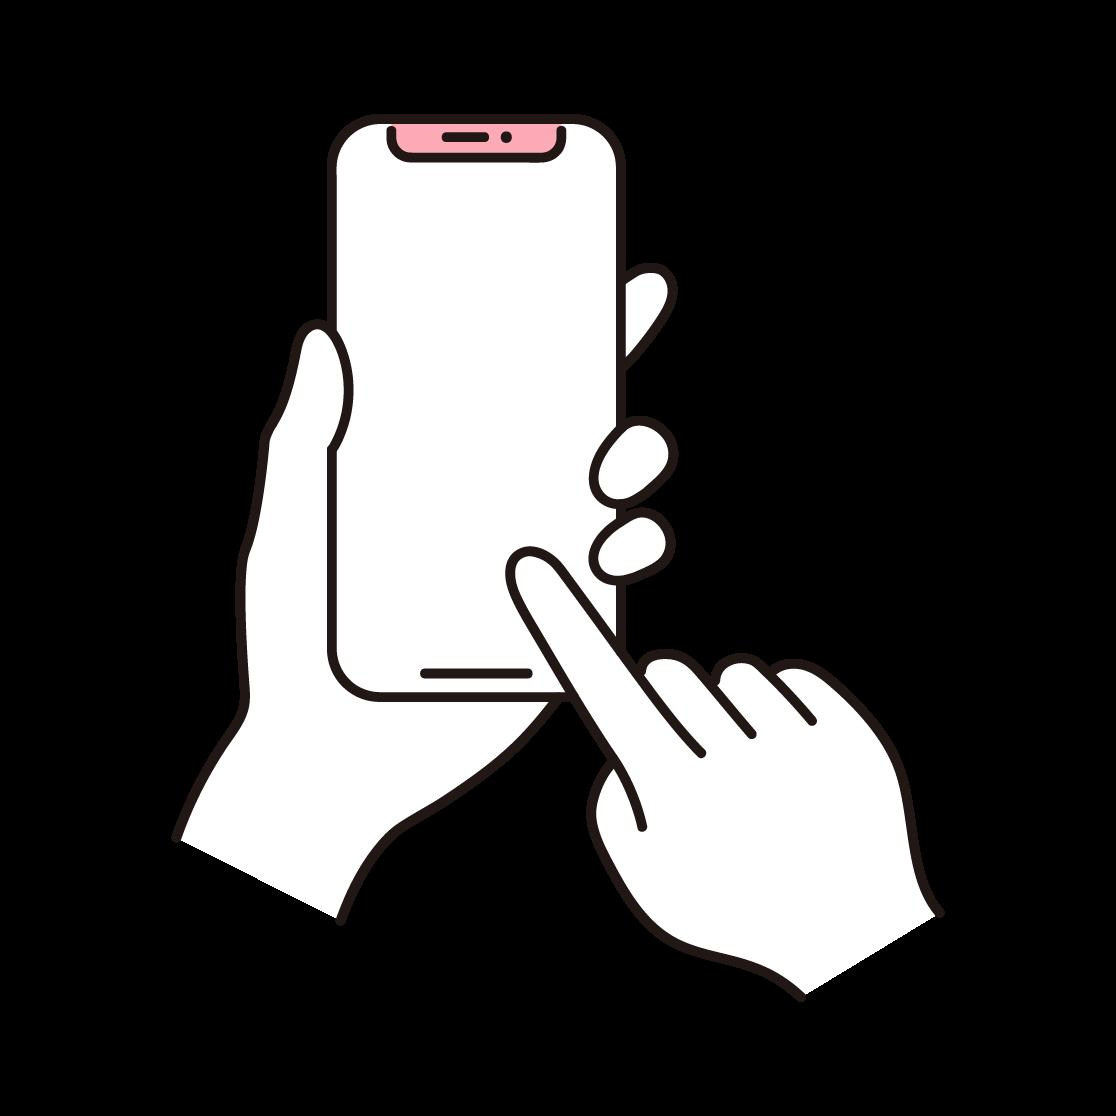 スマホを操作する手の単色イラスト